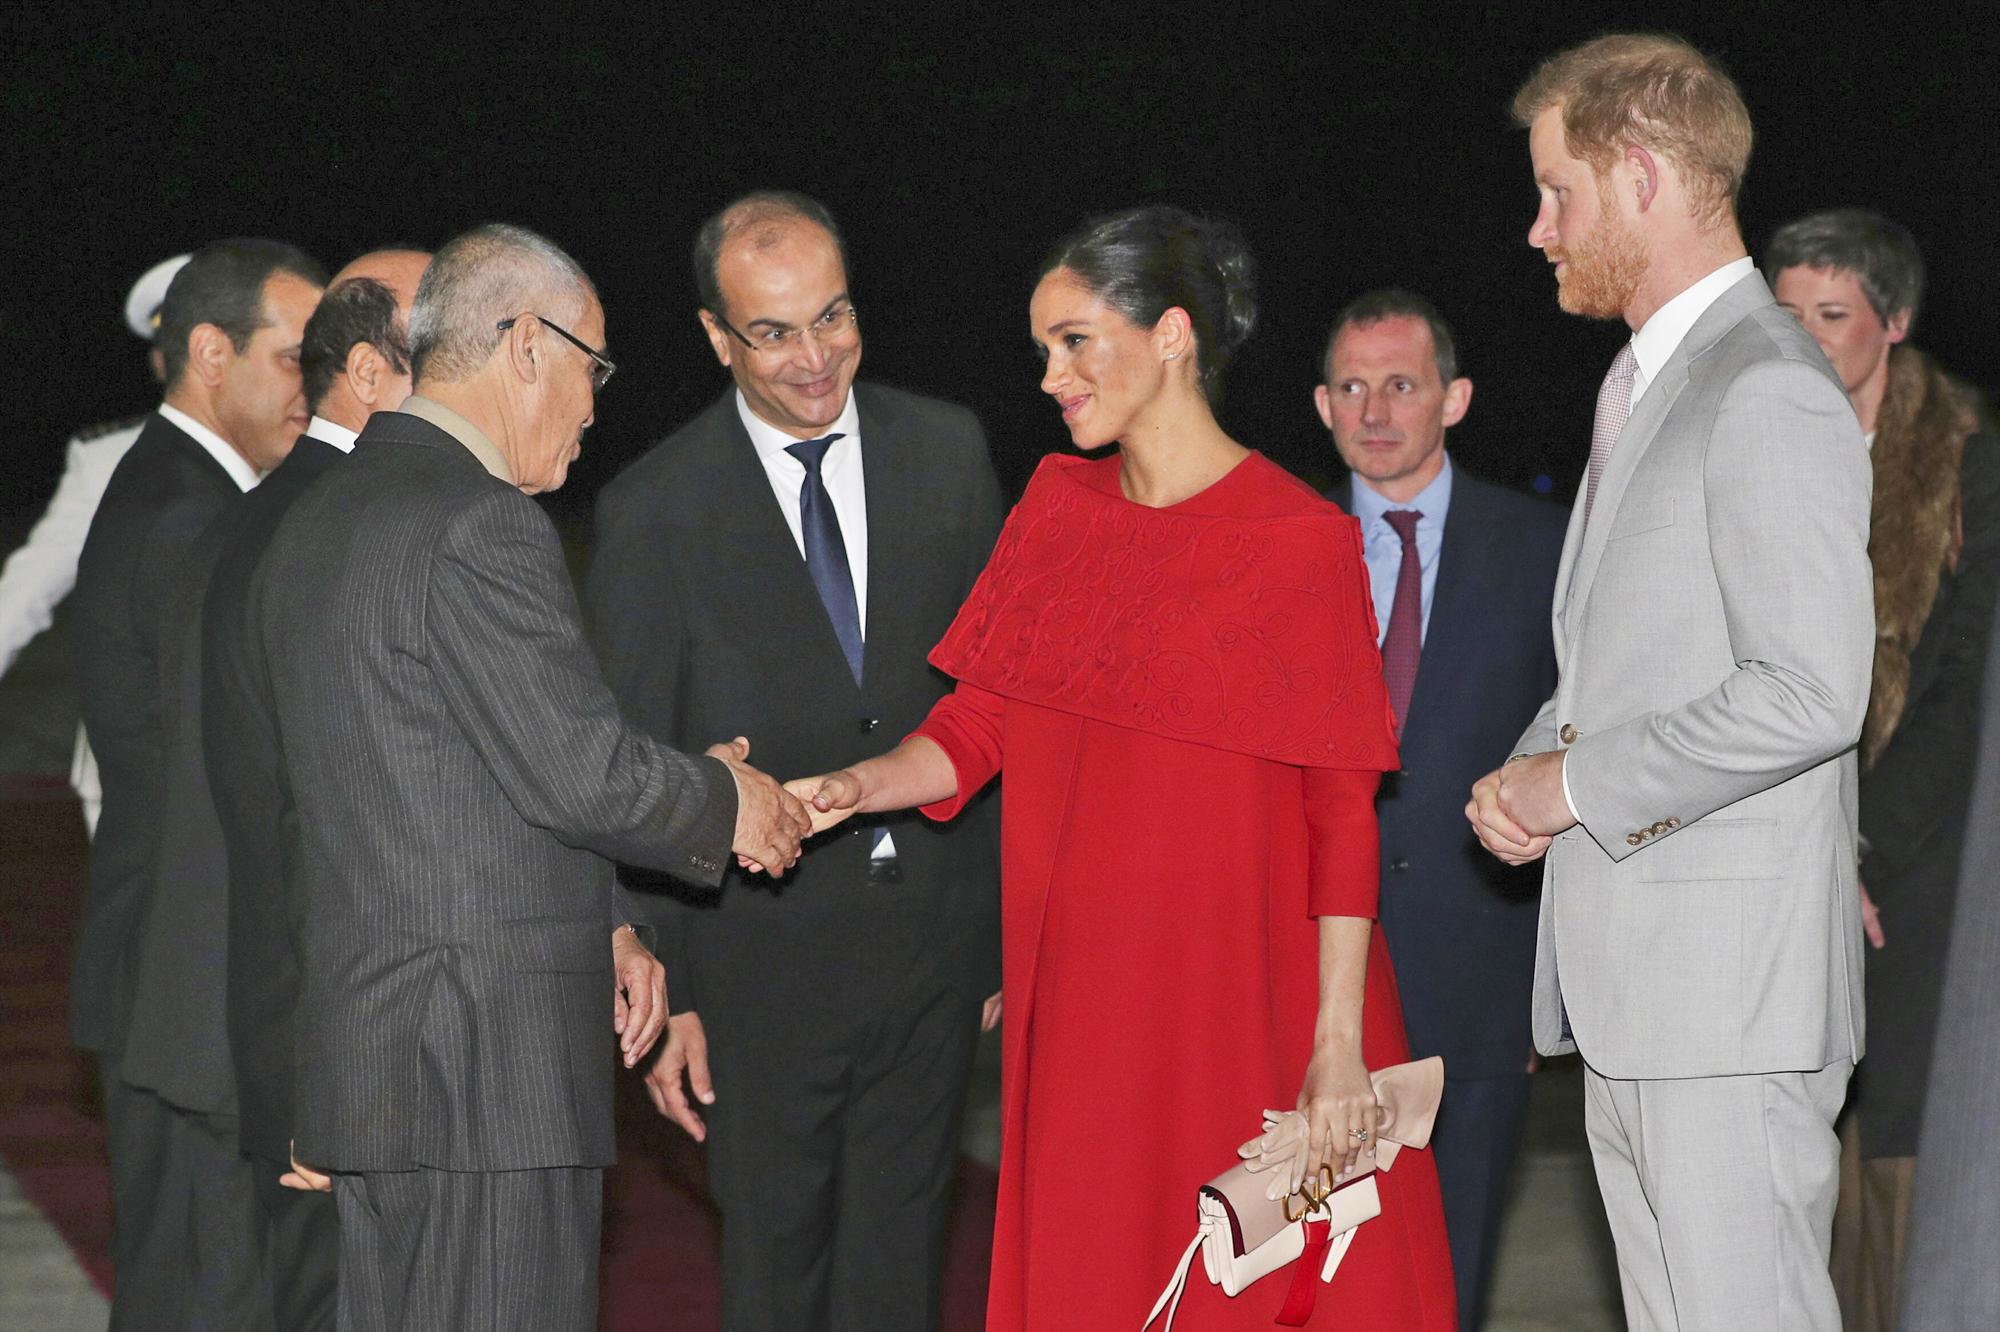 Como complemento, la duquesa escogió un bolso de mano en color beige. (AP)